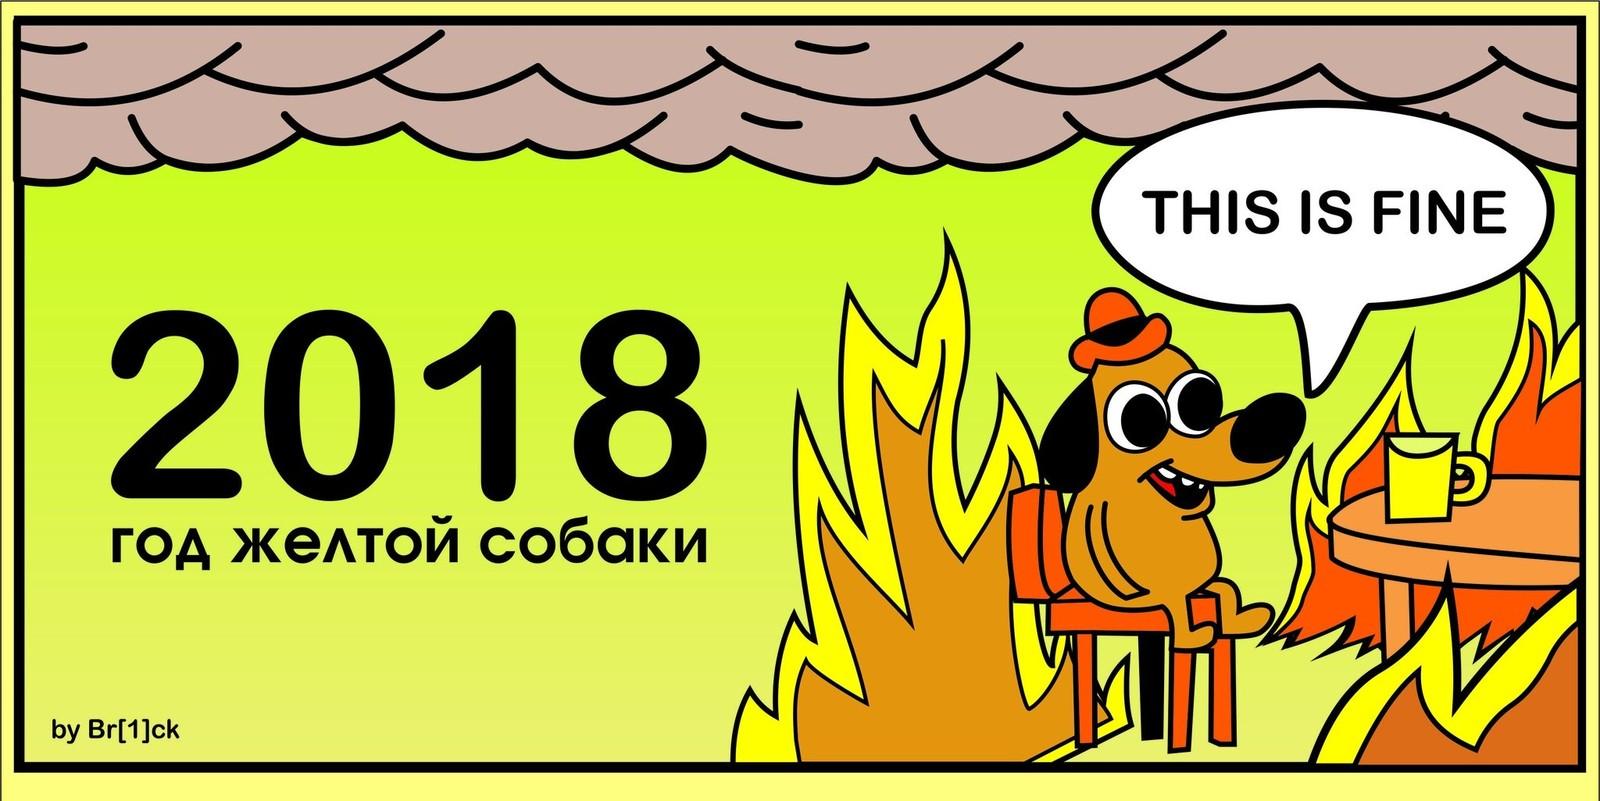 Экономика в огне, ты в огне и всё в оген